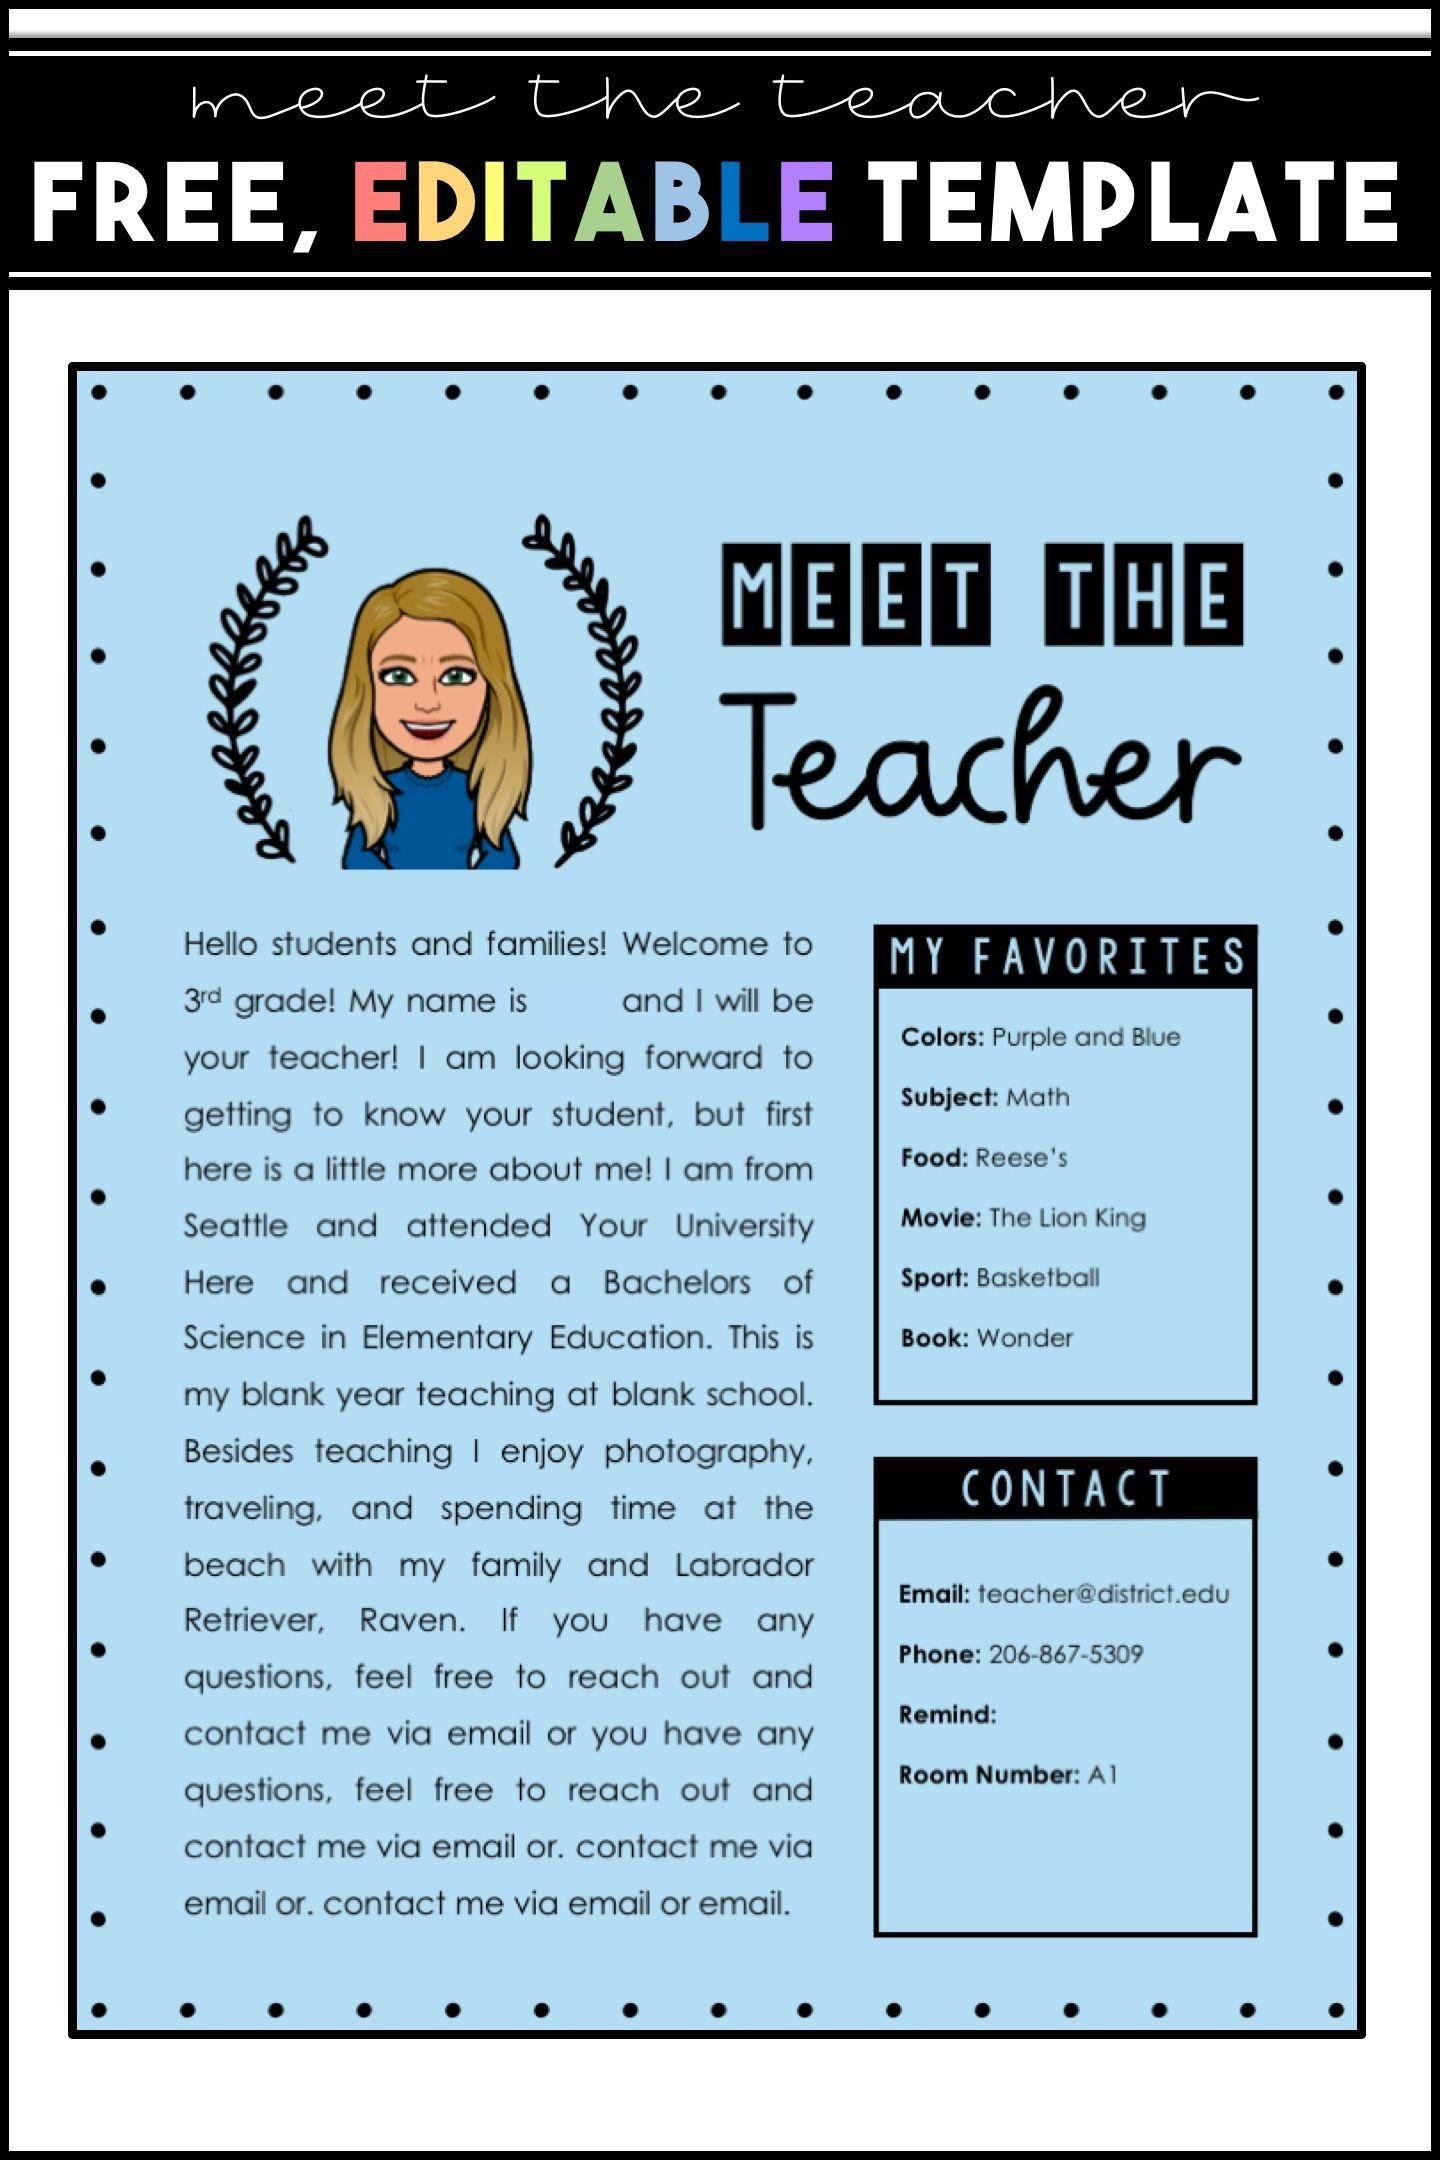 Meet The Teacher Editable Template Free Meet The Teacher Template Teacher Templates Digital Learning Classroom Free blogger template for teachers